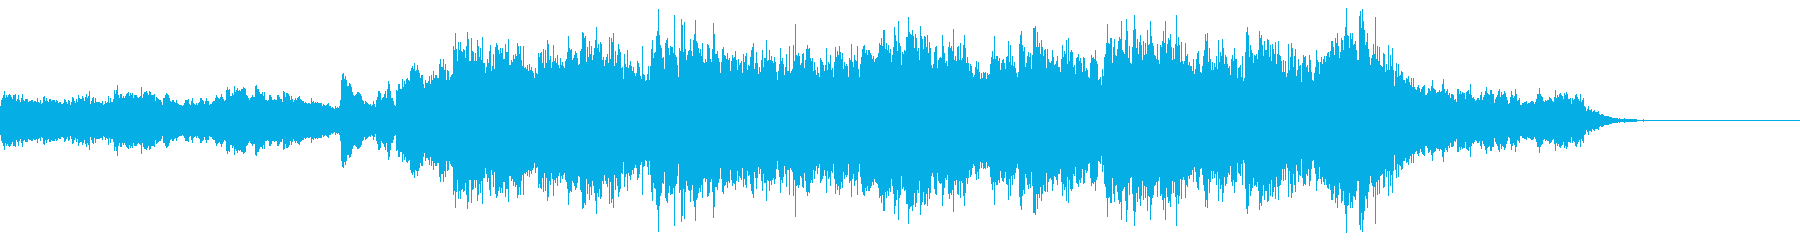 30秒で伝わるかっこいい映像にピッタリの再生済みの波形